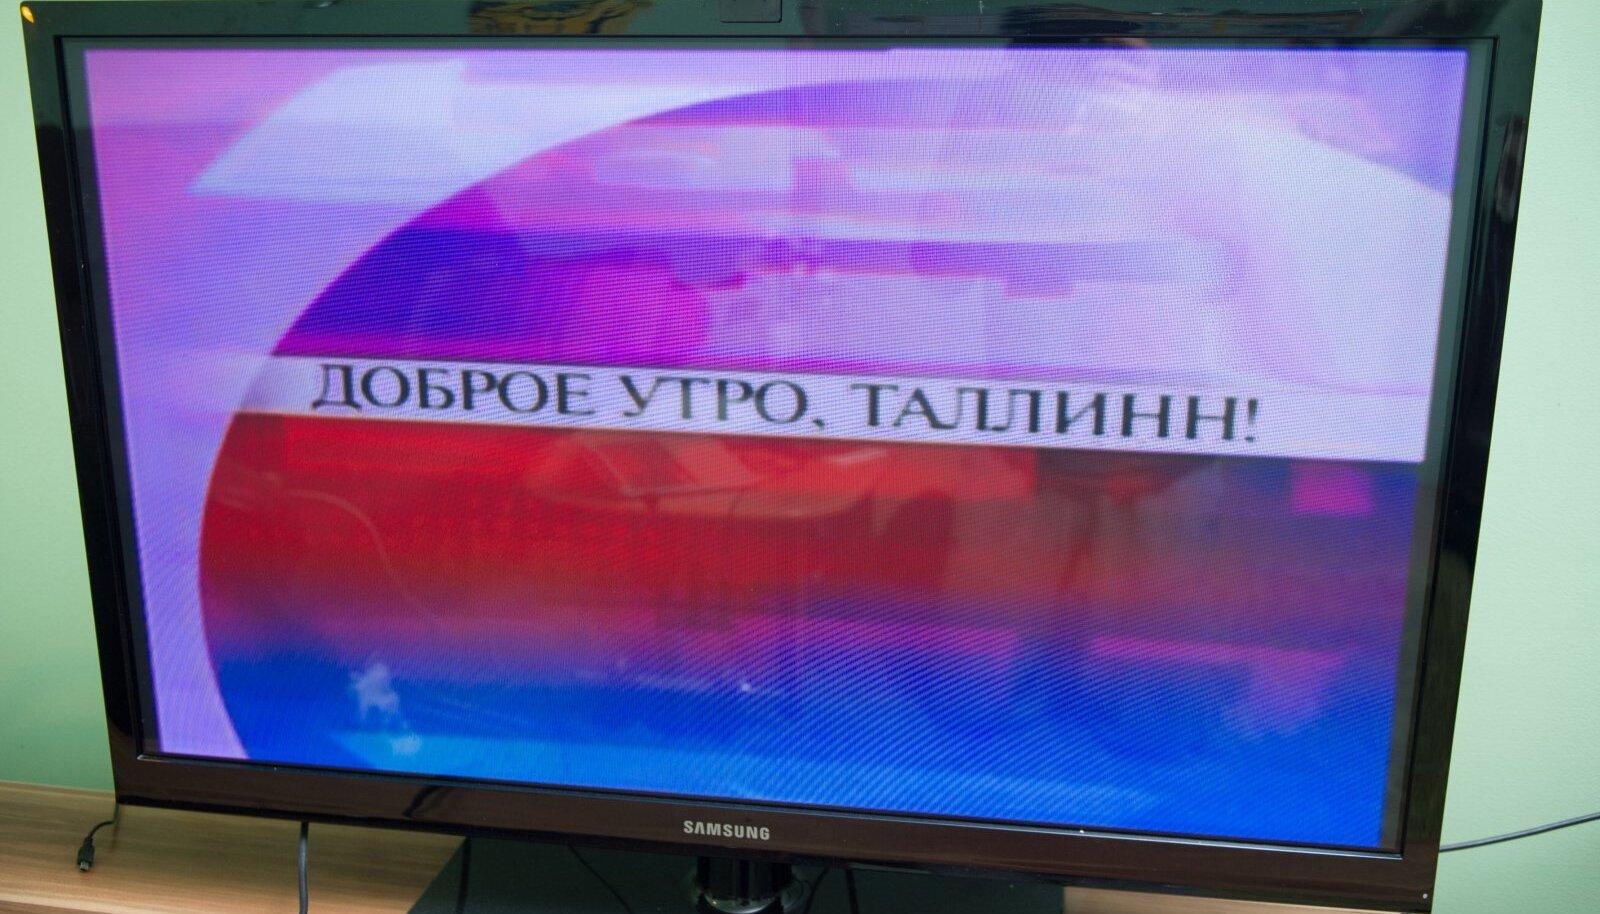 """""""Tere hommikust, Tallinn!"""" on PBK Tallinna-tegemisi kajastava saate reibas pealkiri."""